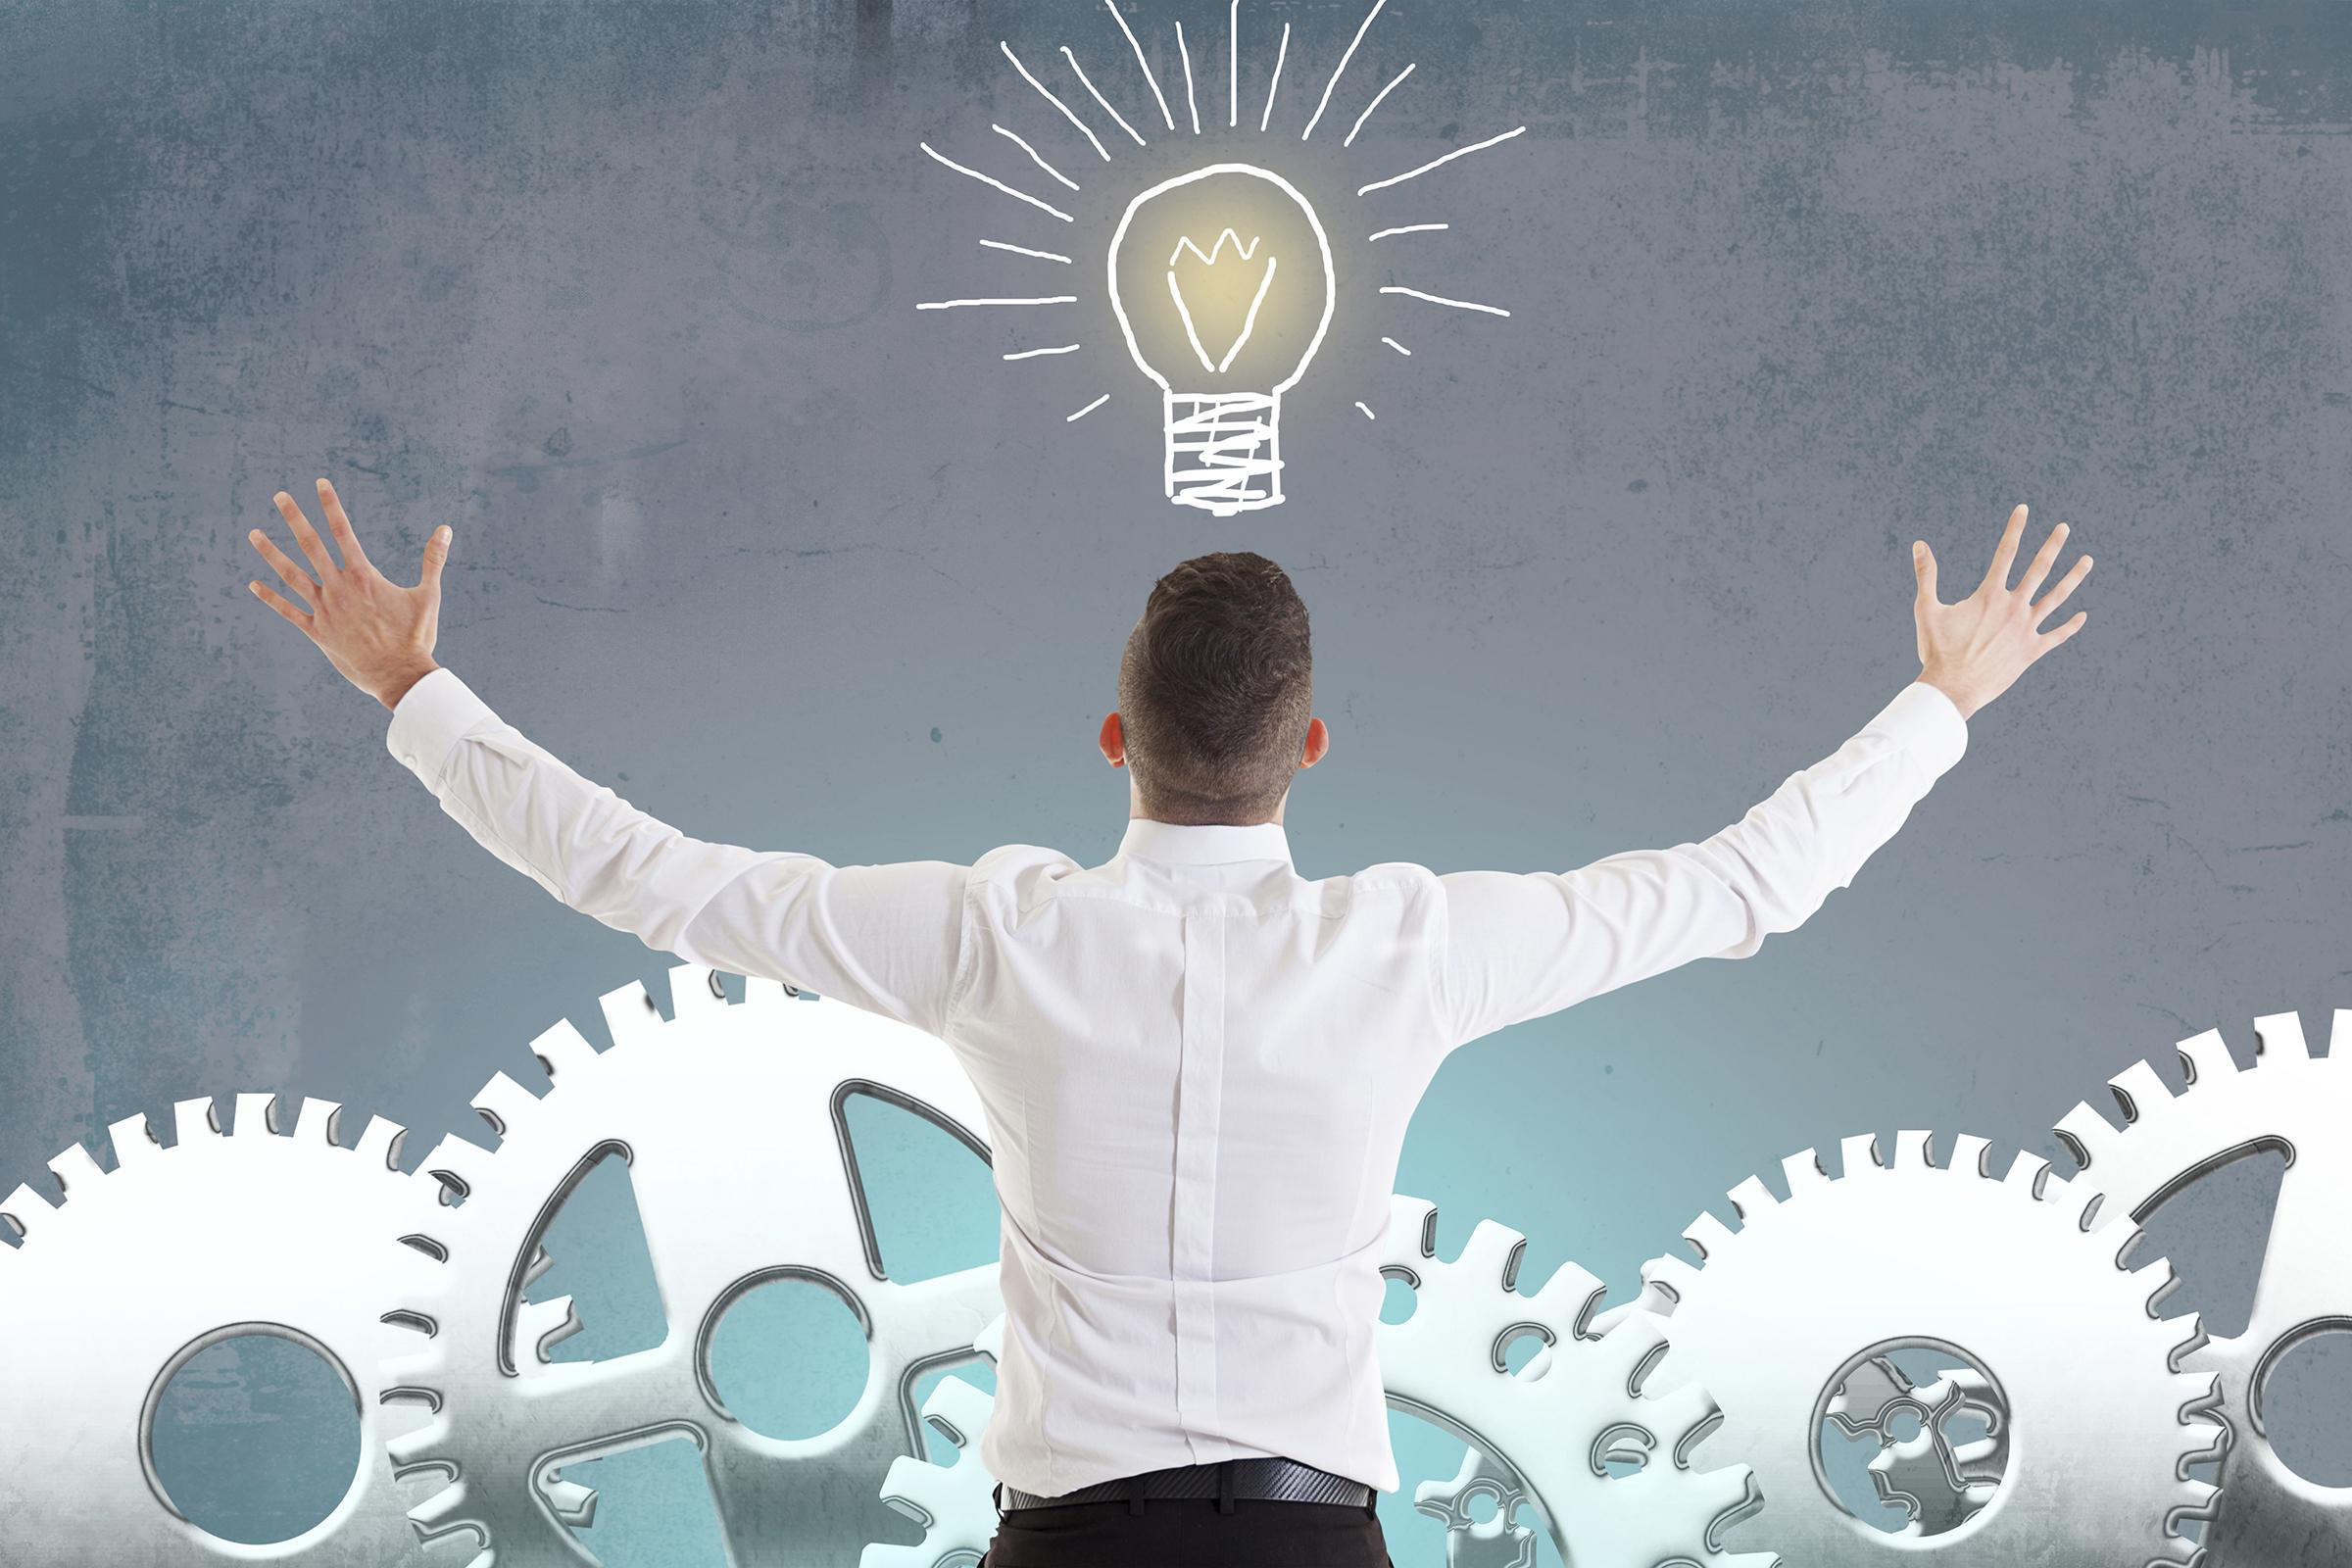 小型企业如何留住员工?